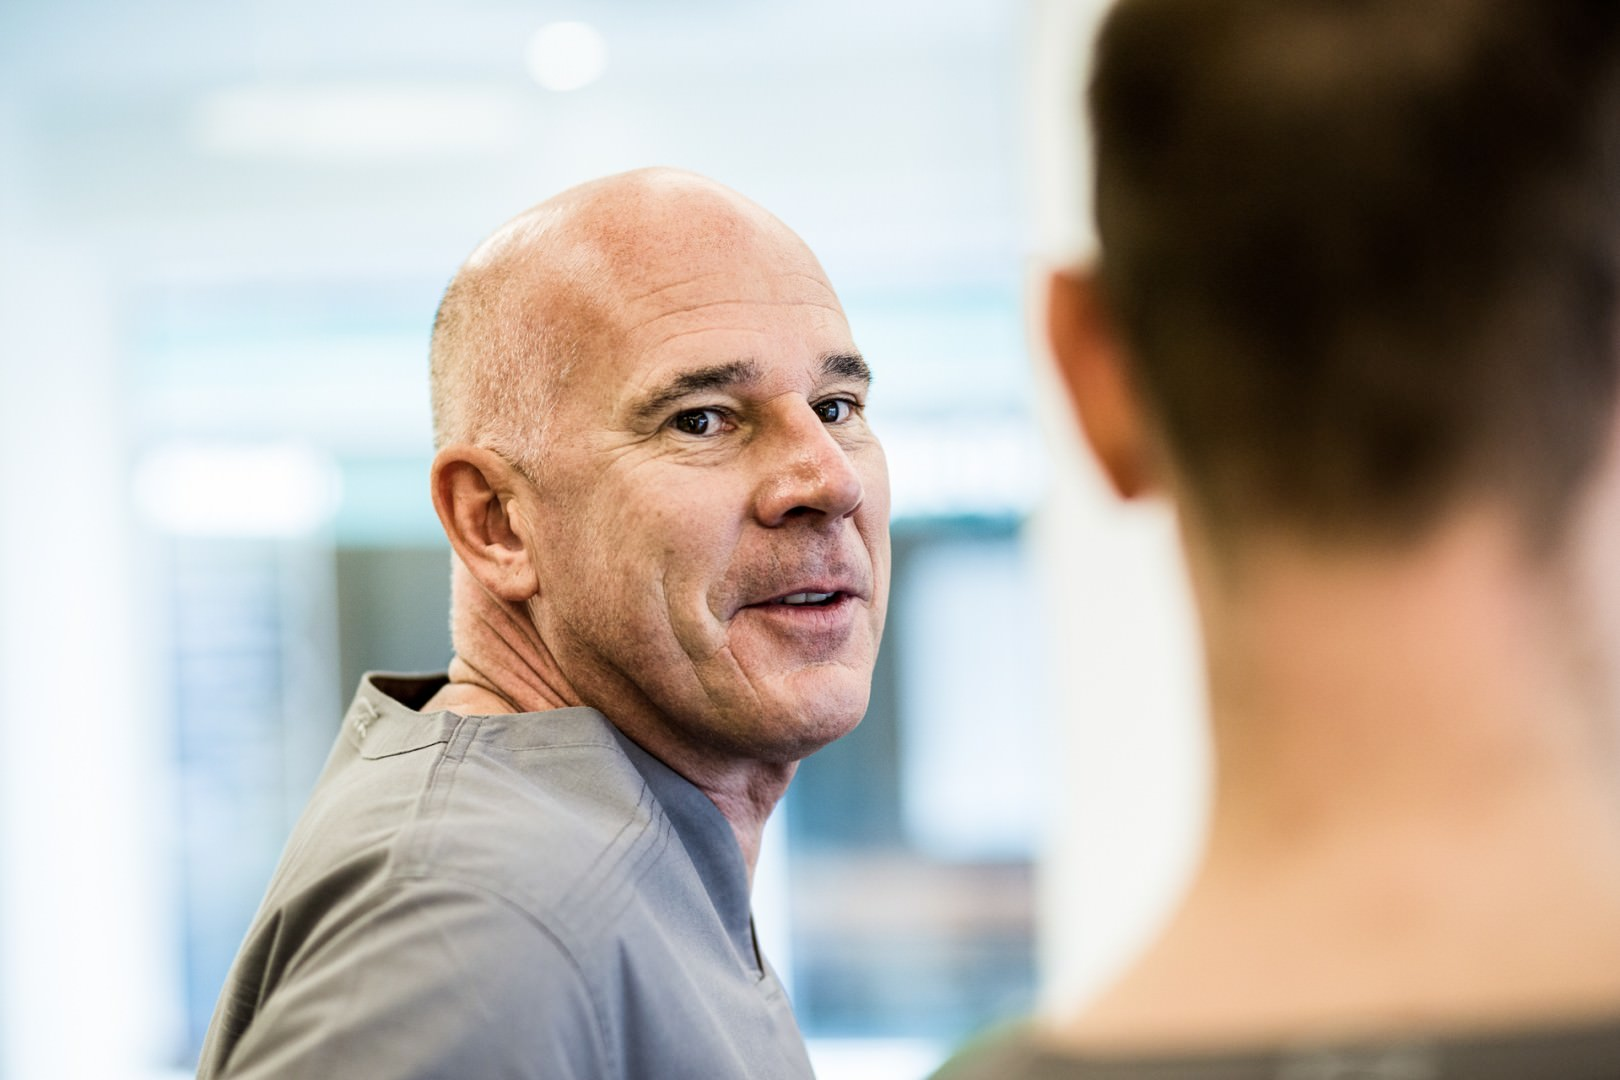 Zahnkultur Köln: Dr. Martin Schneider im Gespräch